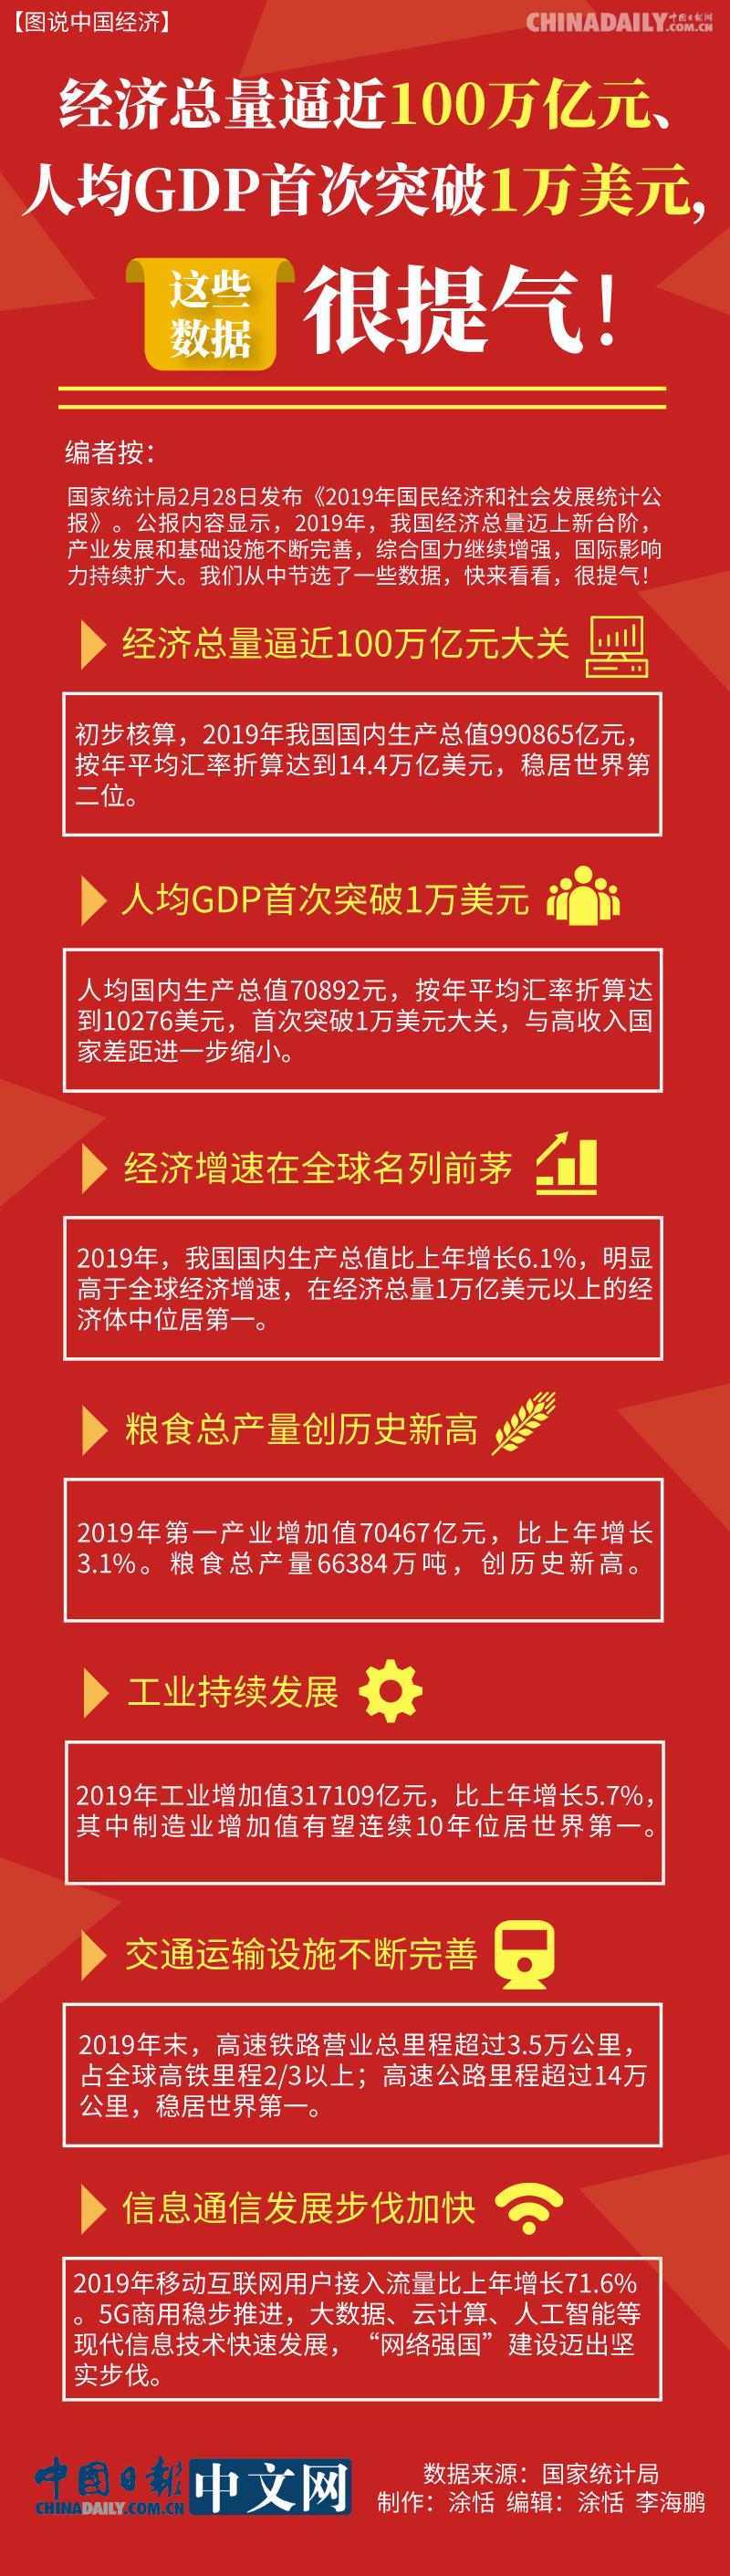 中国日报网|易访@【图说中国经济】经济总量逼近100万亿元、人均GDP首次突破1万美元,这些数据很提气!